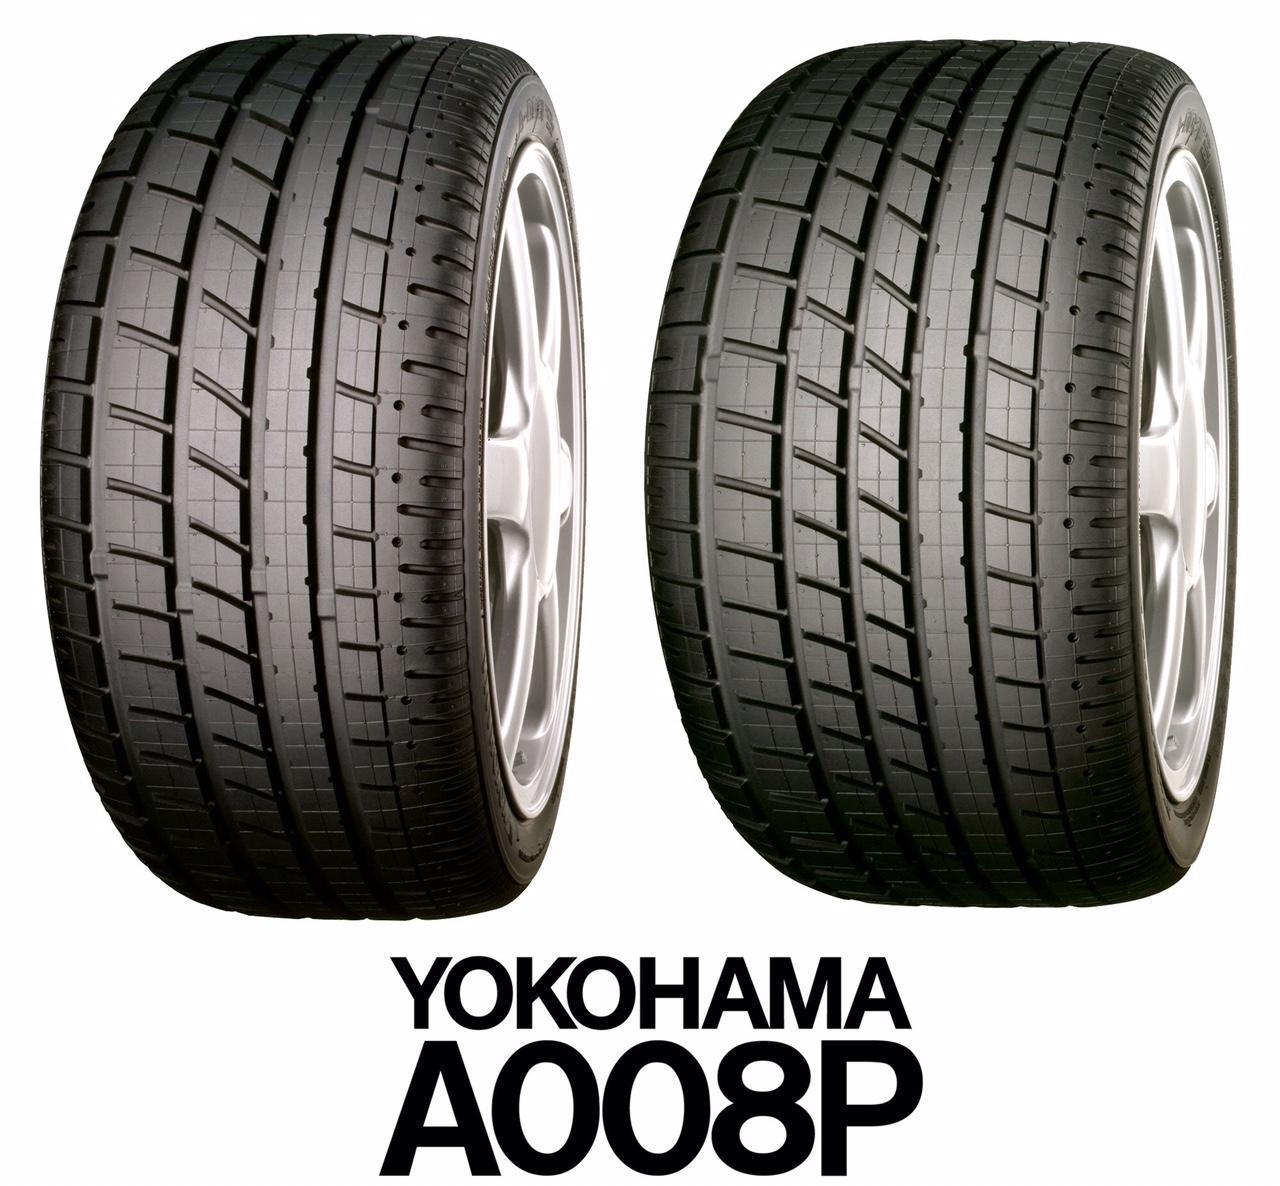 Yokohama возрождает модель A008P